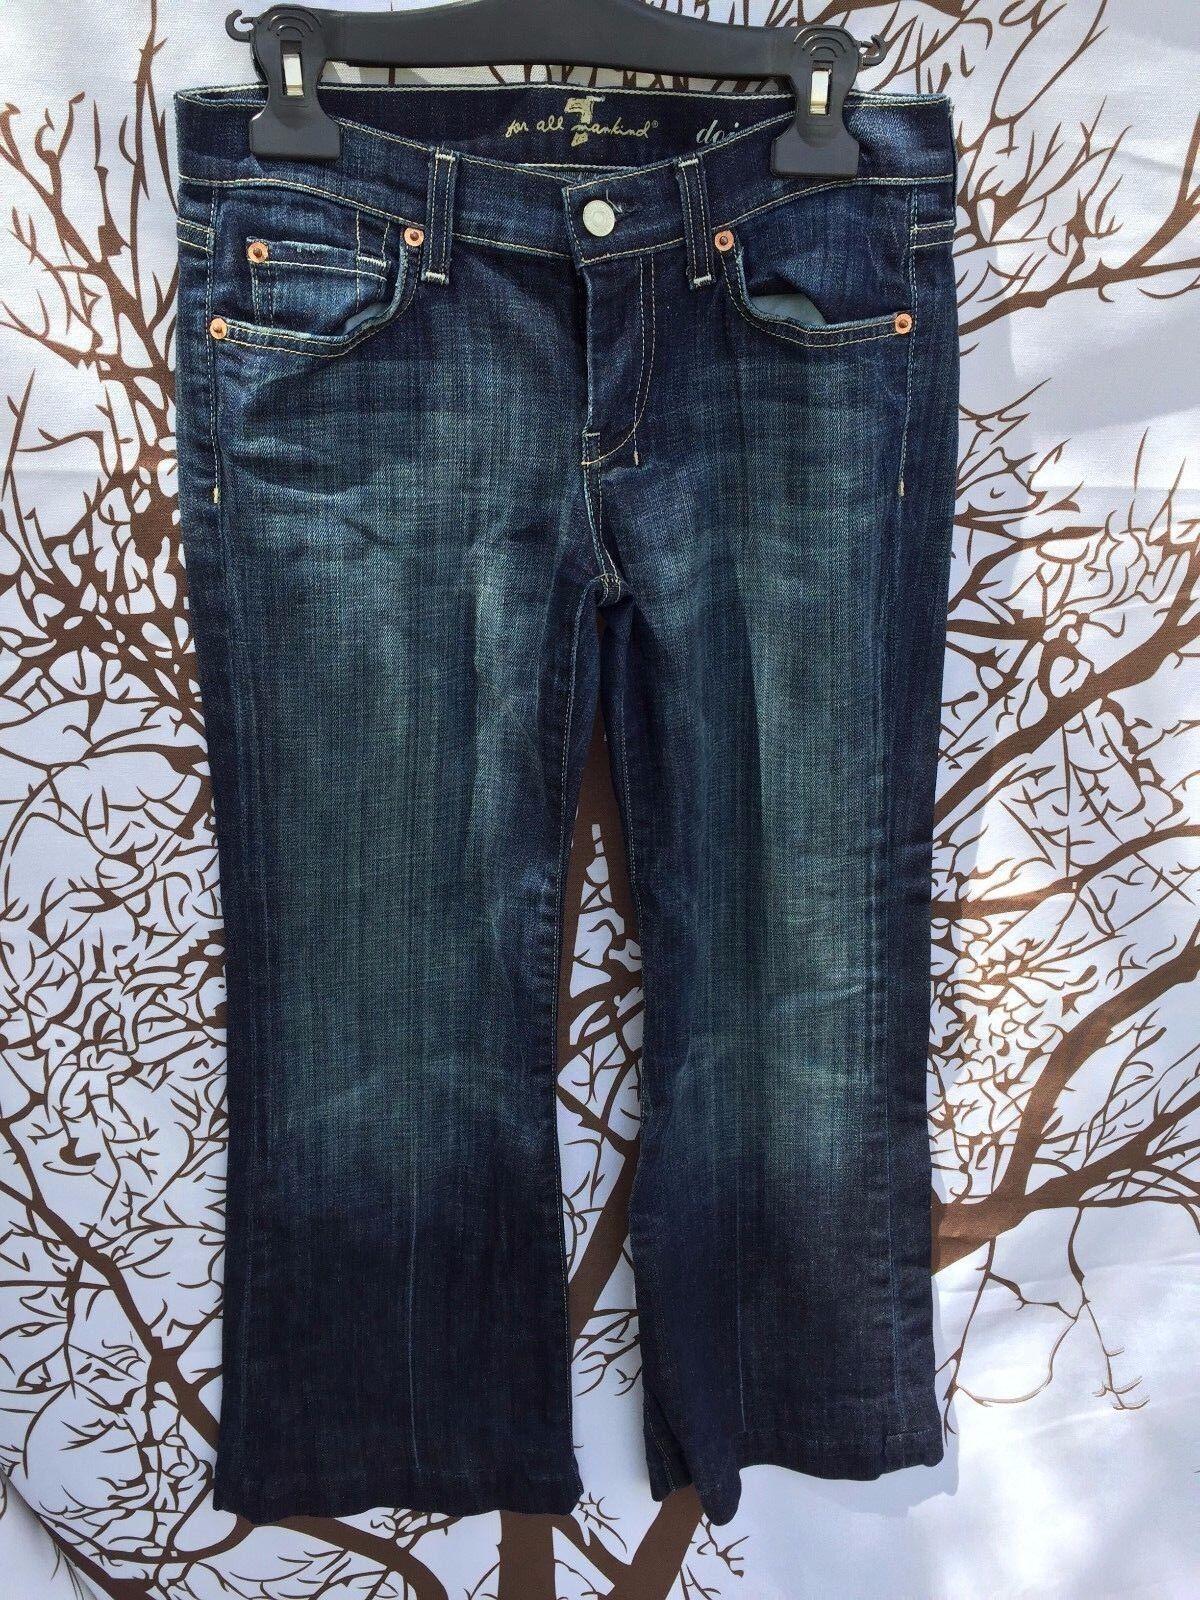 7 For All Mankind Jeans DOJO Flip Flop Women Size 26 Inseam 26 FLARE Pants Denim